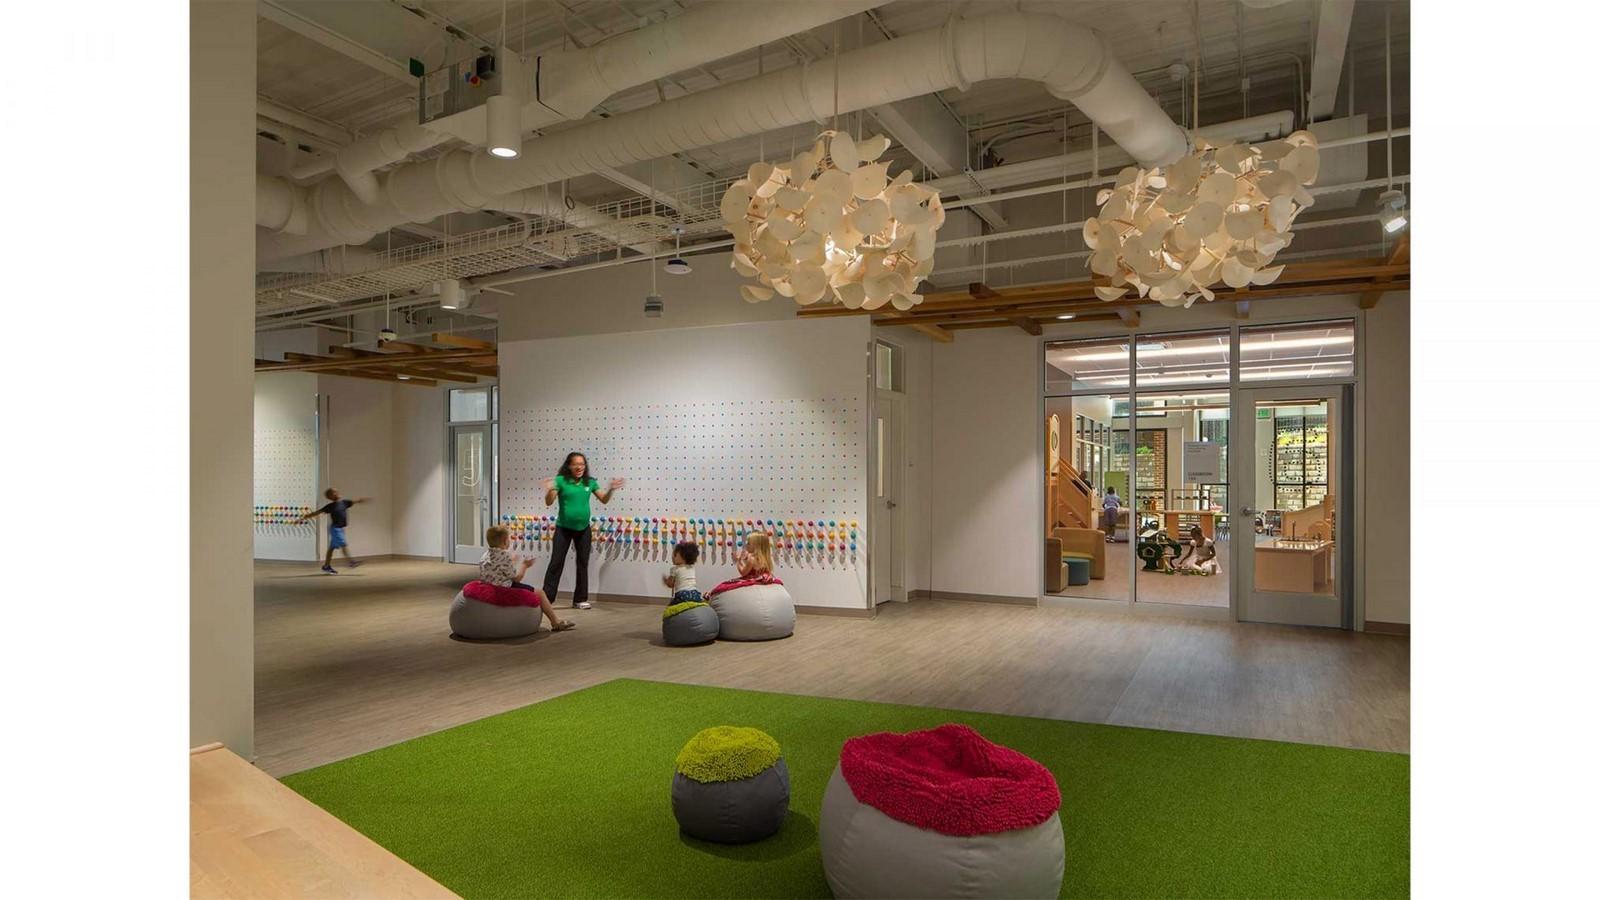 YMCA Early learning center - Shet2